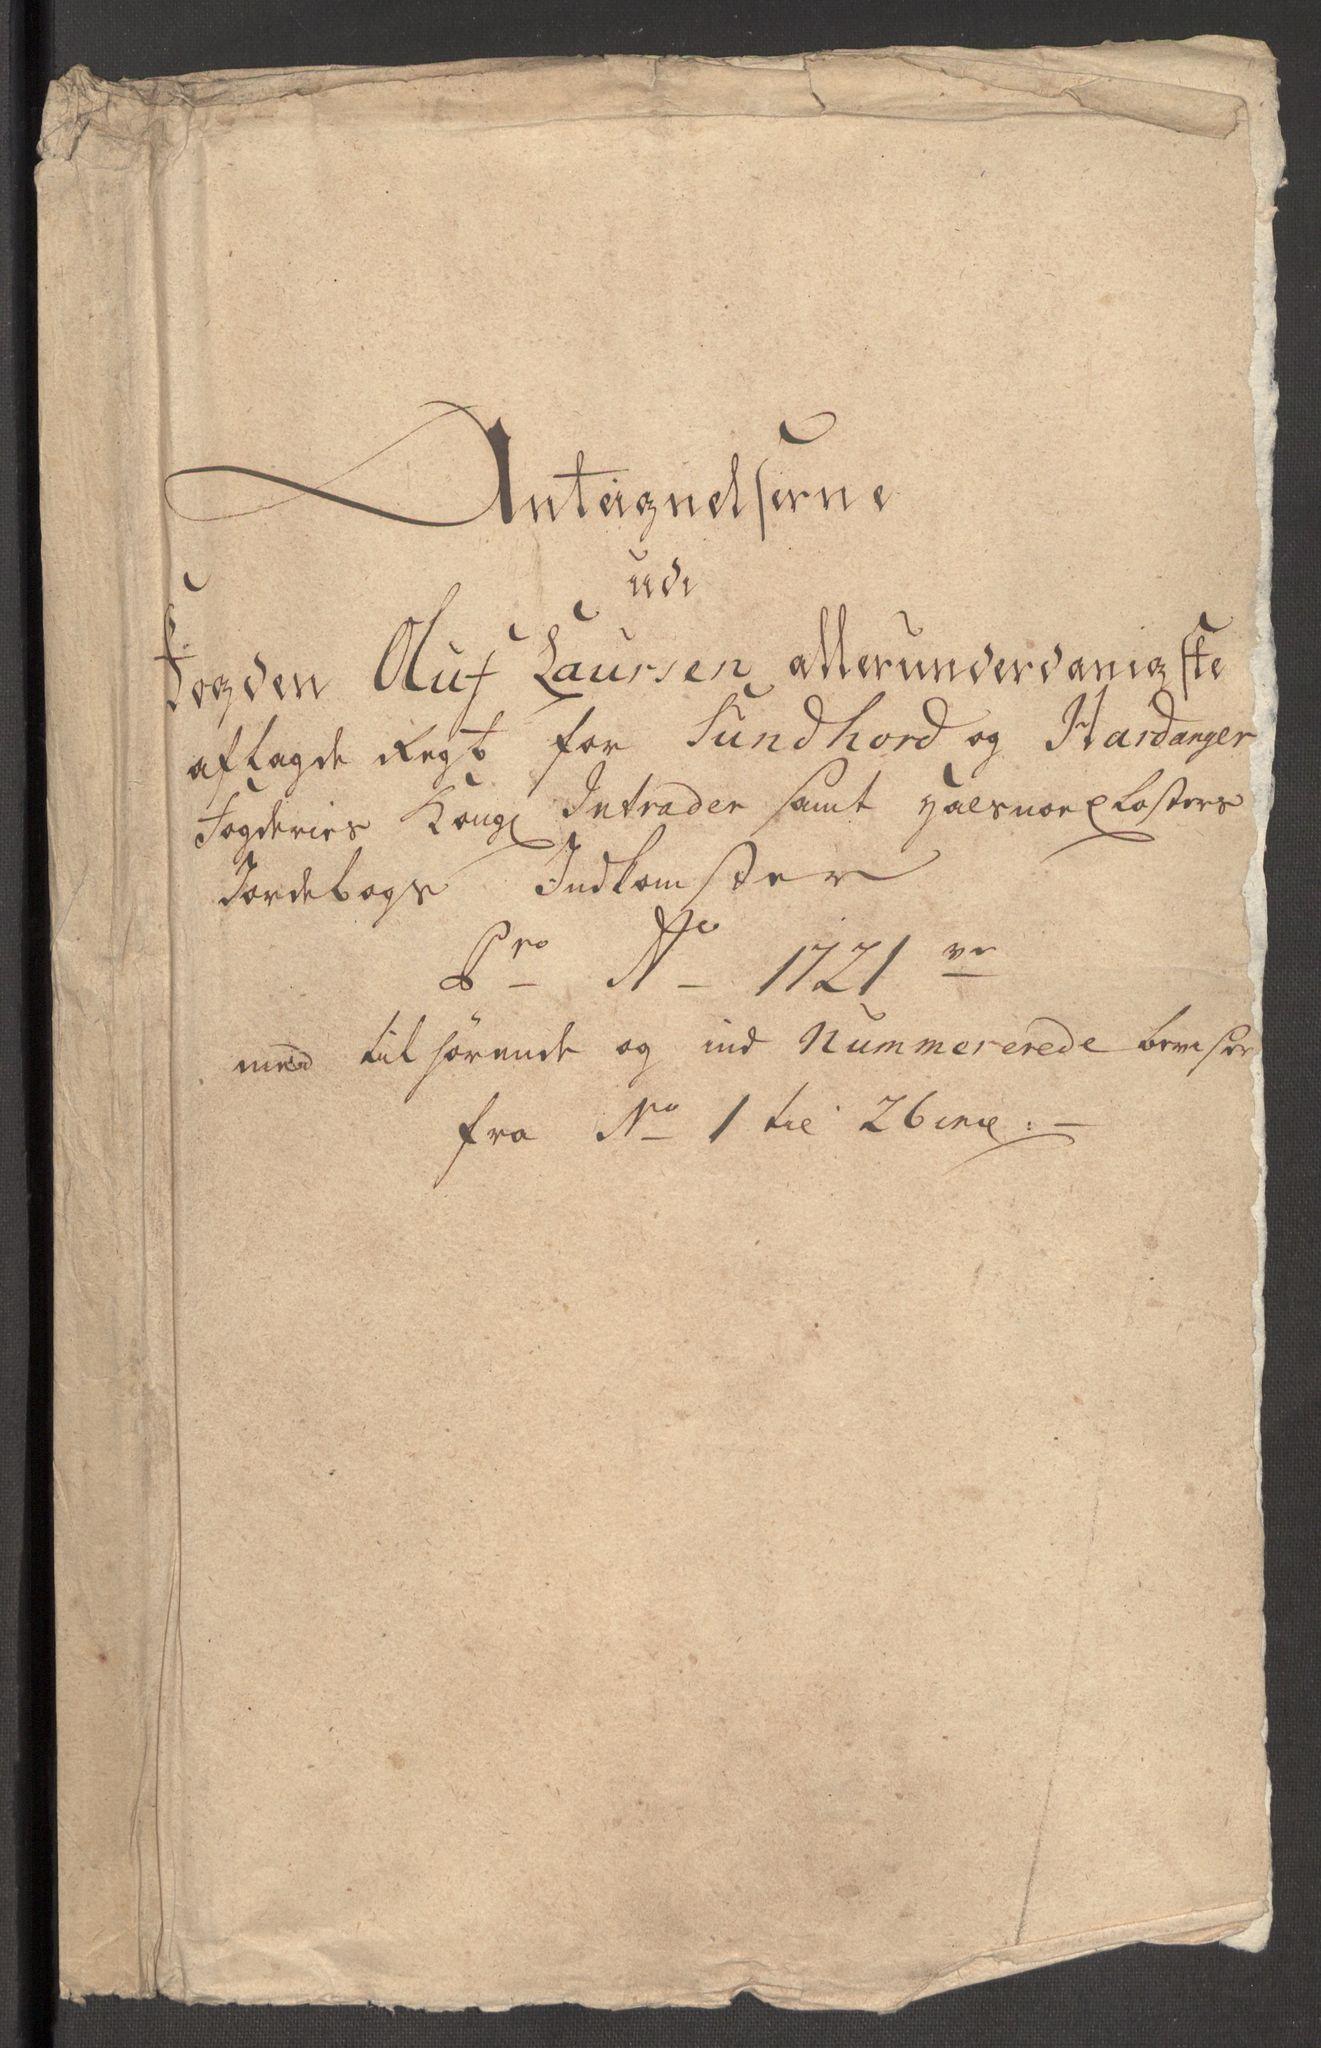 RA, Rentekammeret inntil 1814, Reviderte regnskaper, Fogderegnskap, R48/L3000: Fogderegnskap Sunnhordland og Hardanger, 1721, s. 443